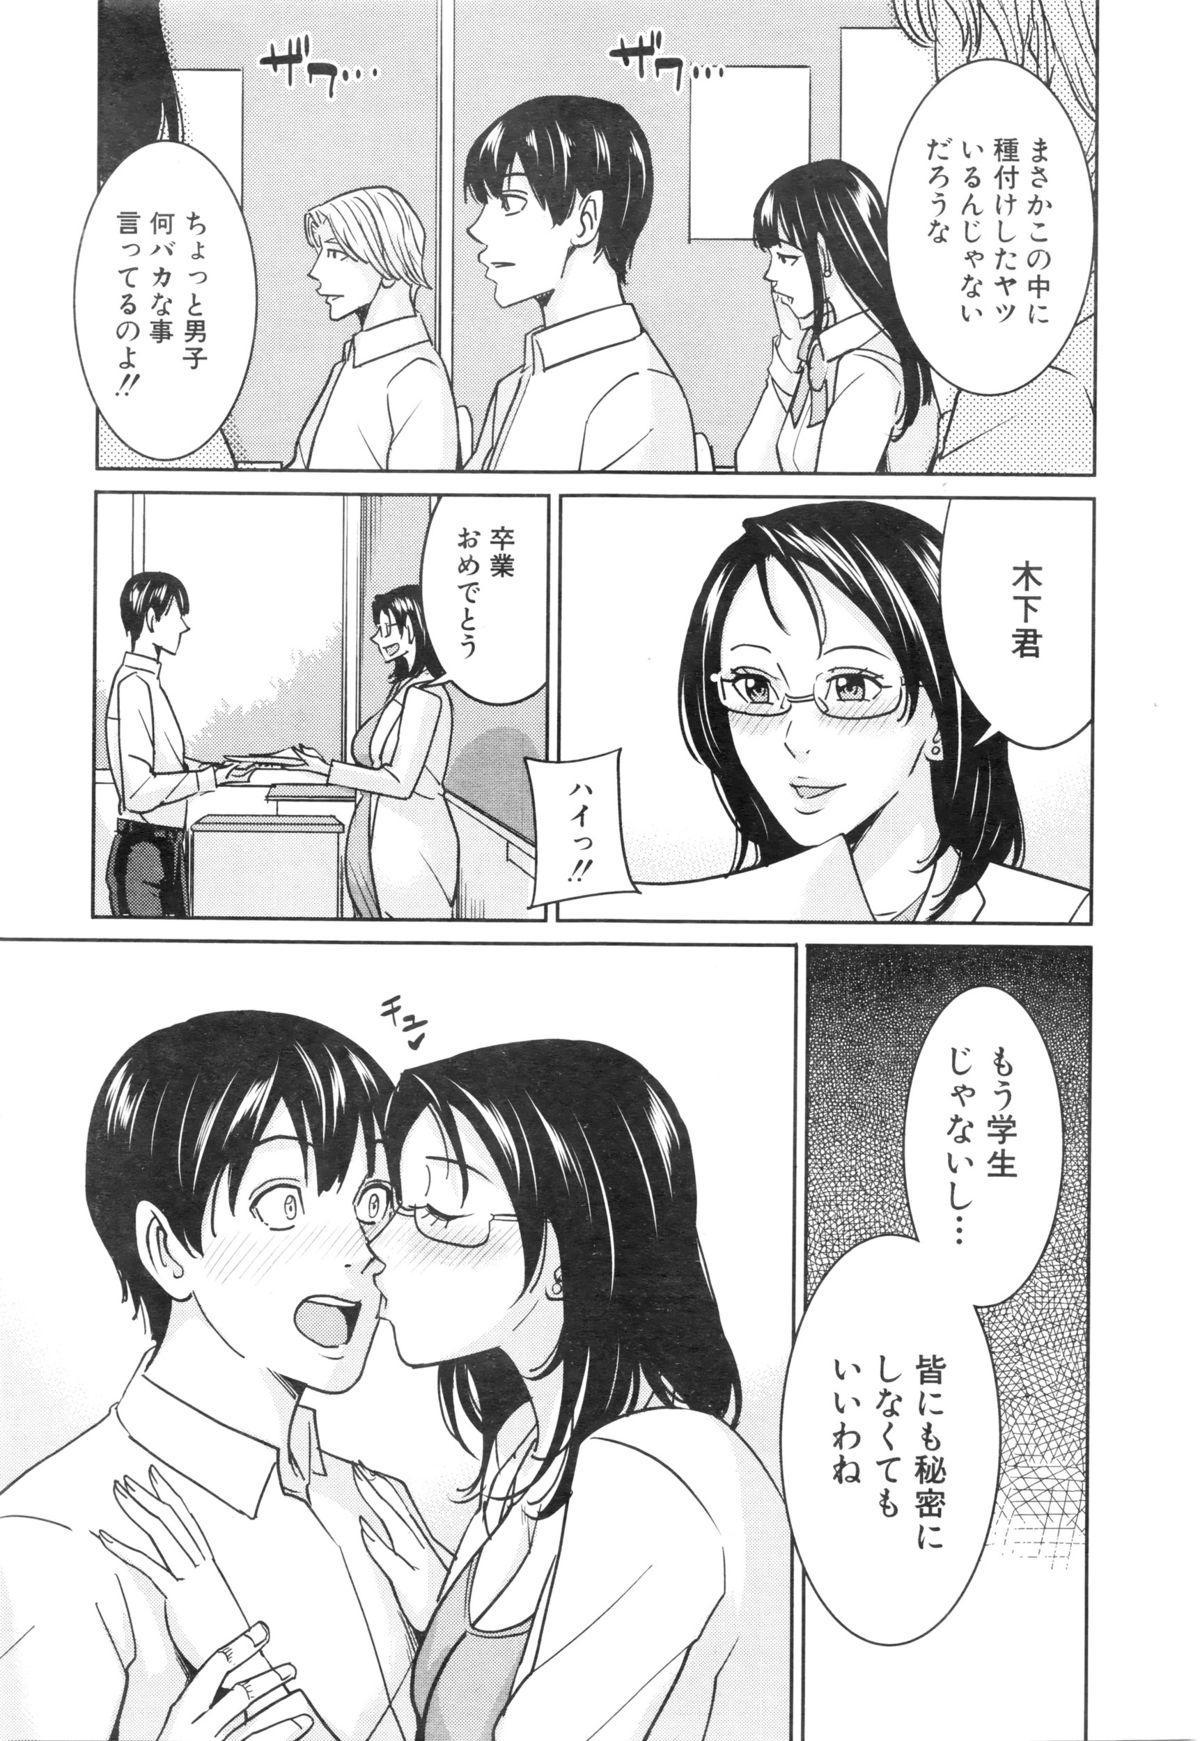 Kyouko Sensei to Boku no Himitsu 118